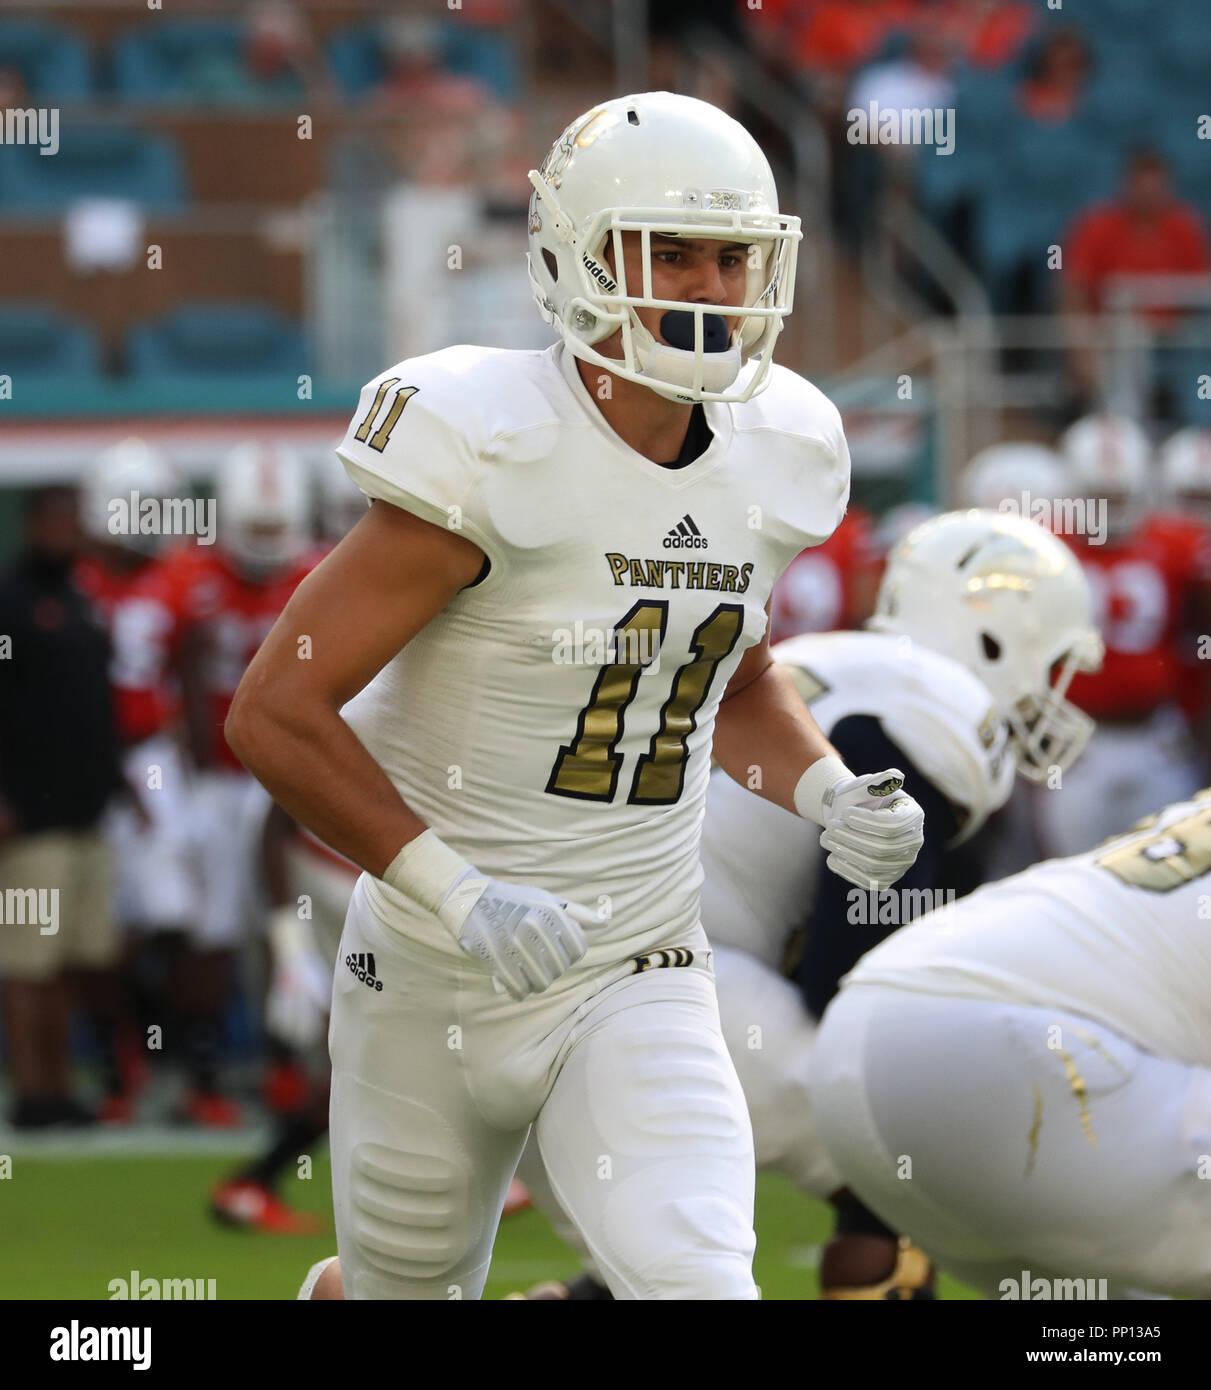 Miami Gardens Florida Usa 22nd Sep 2018 Fiu Panthers Wide